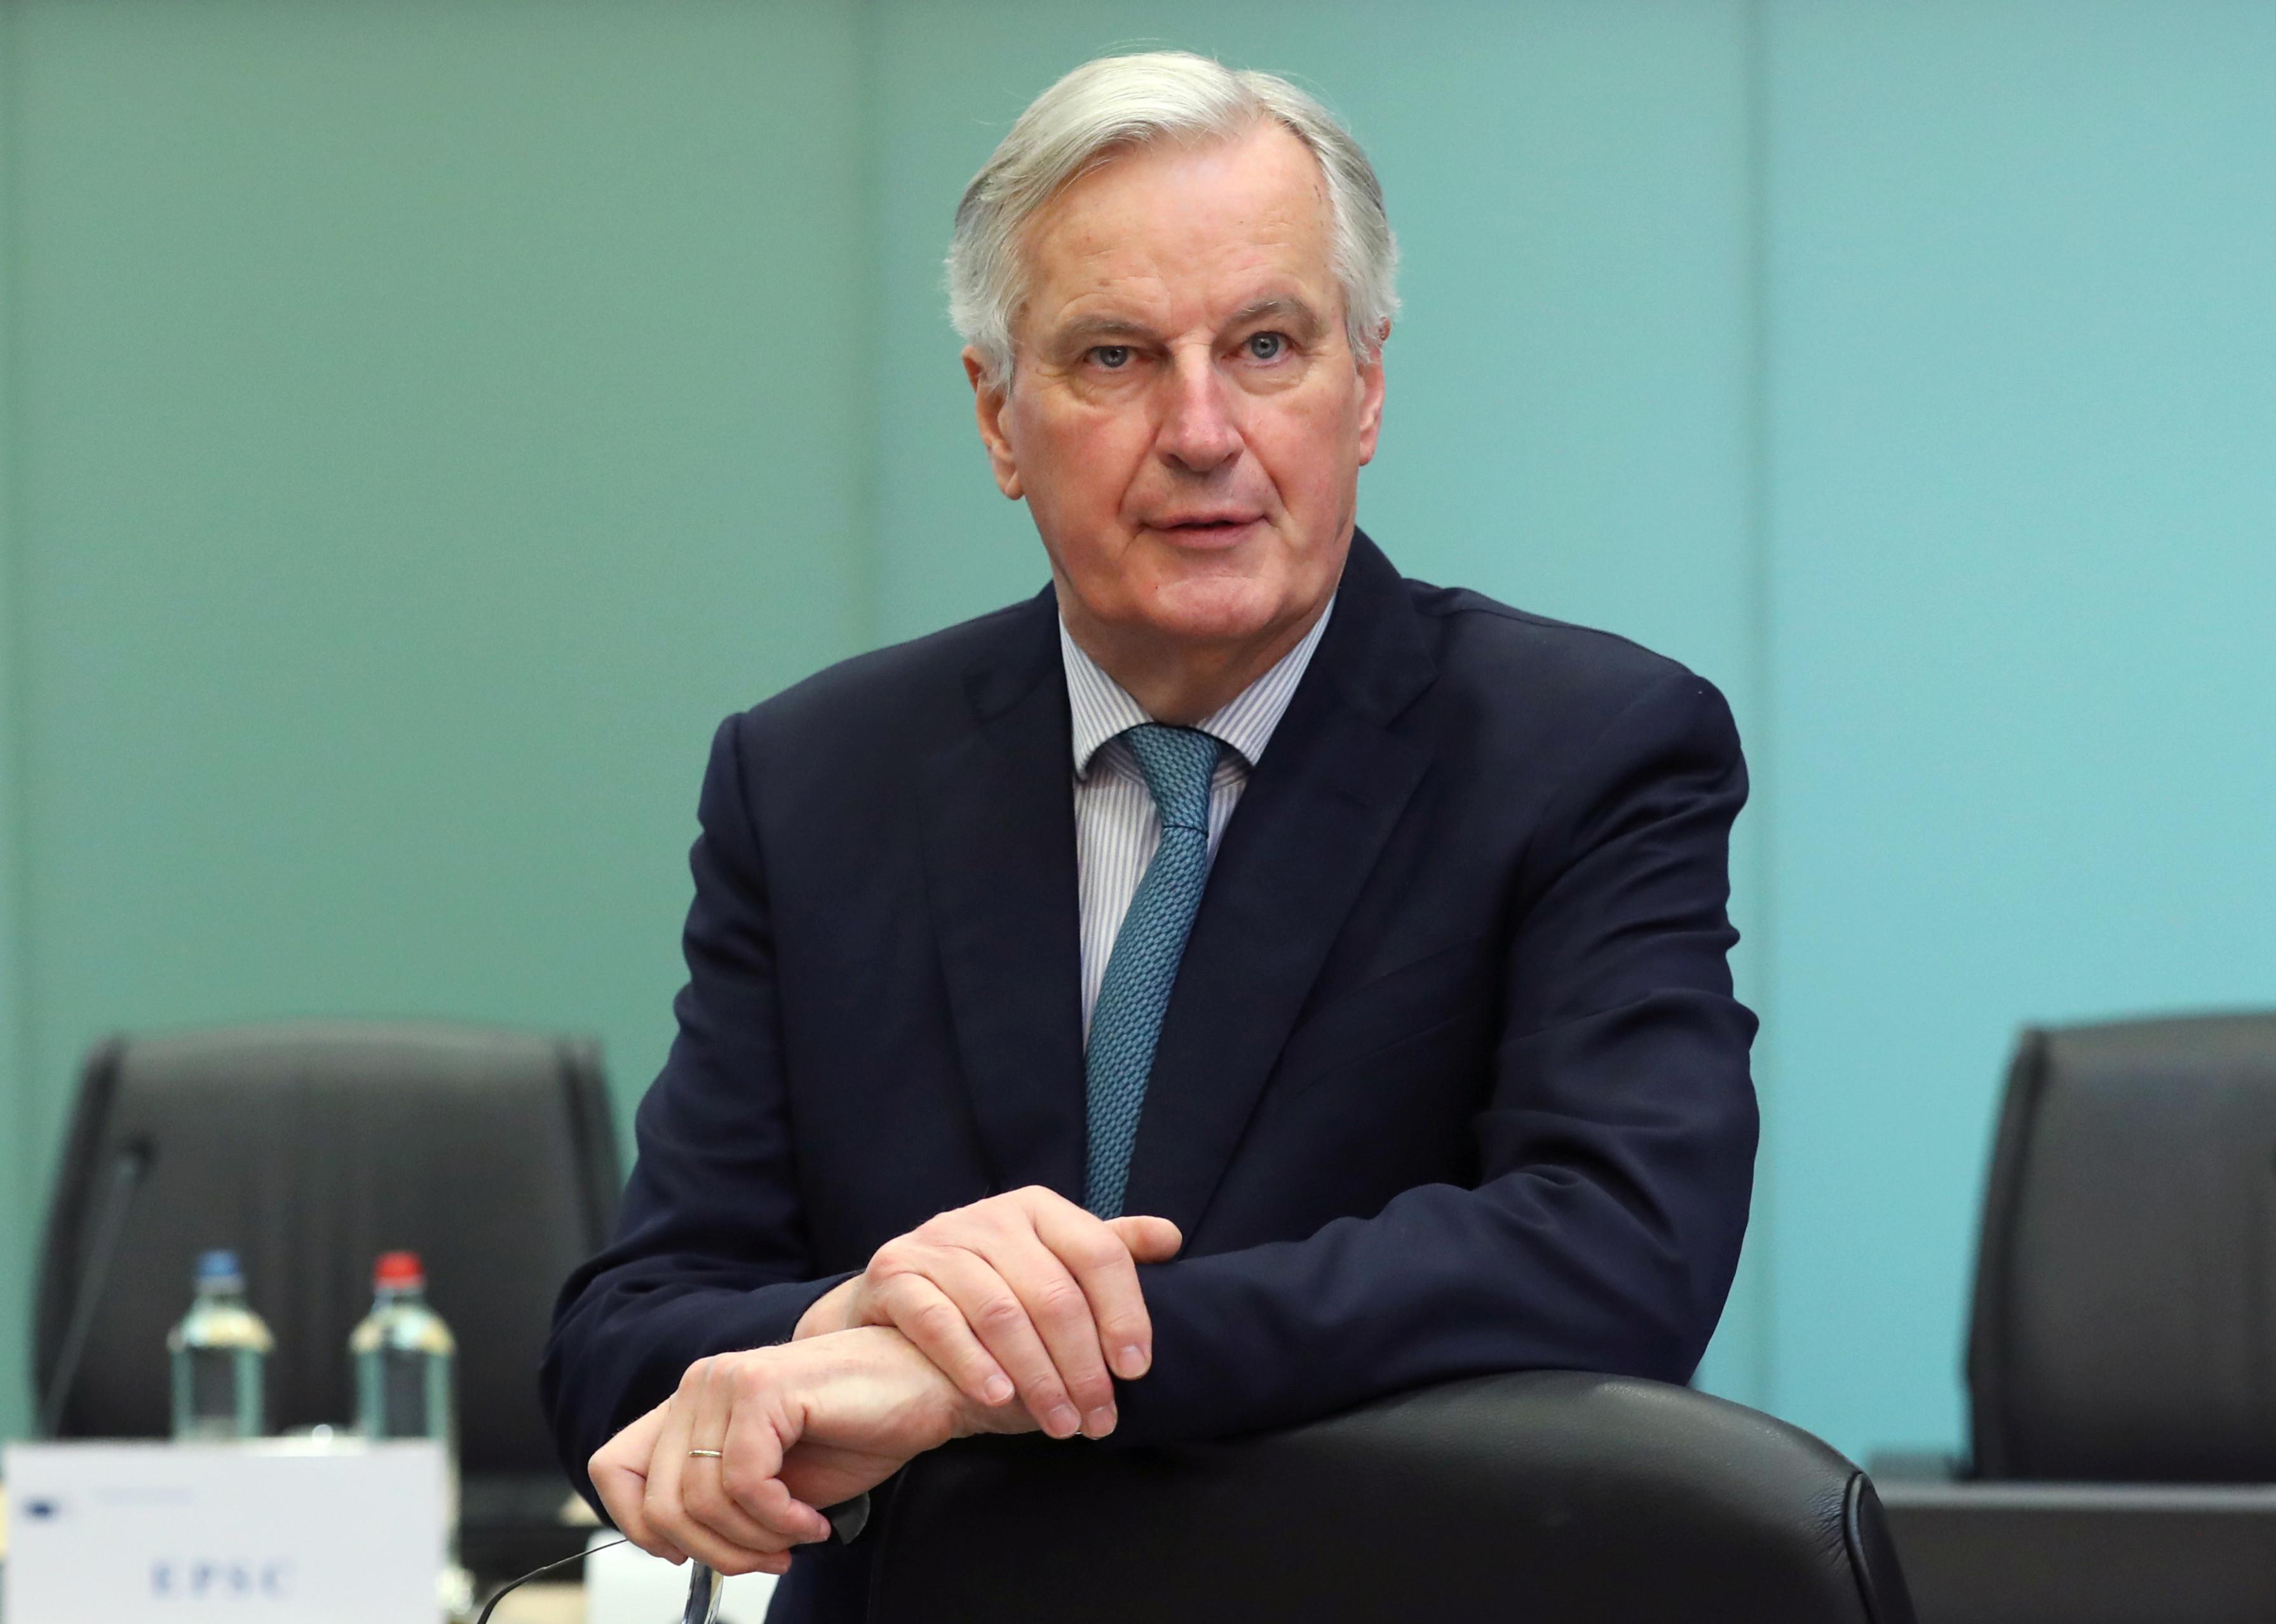 Negociações do Brexit deslocaram-se para Londres, diz Barnier